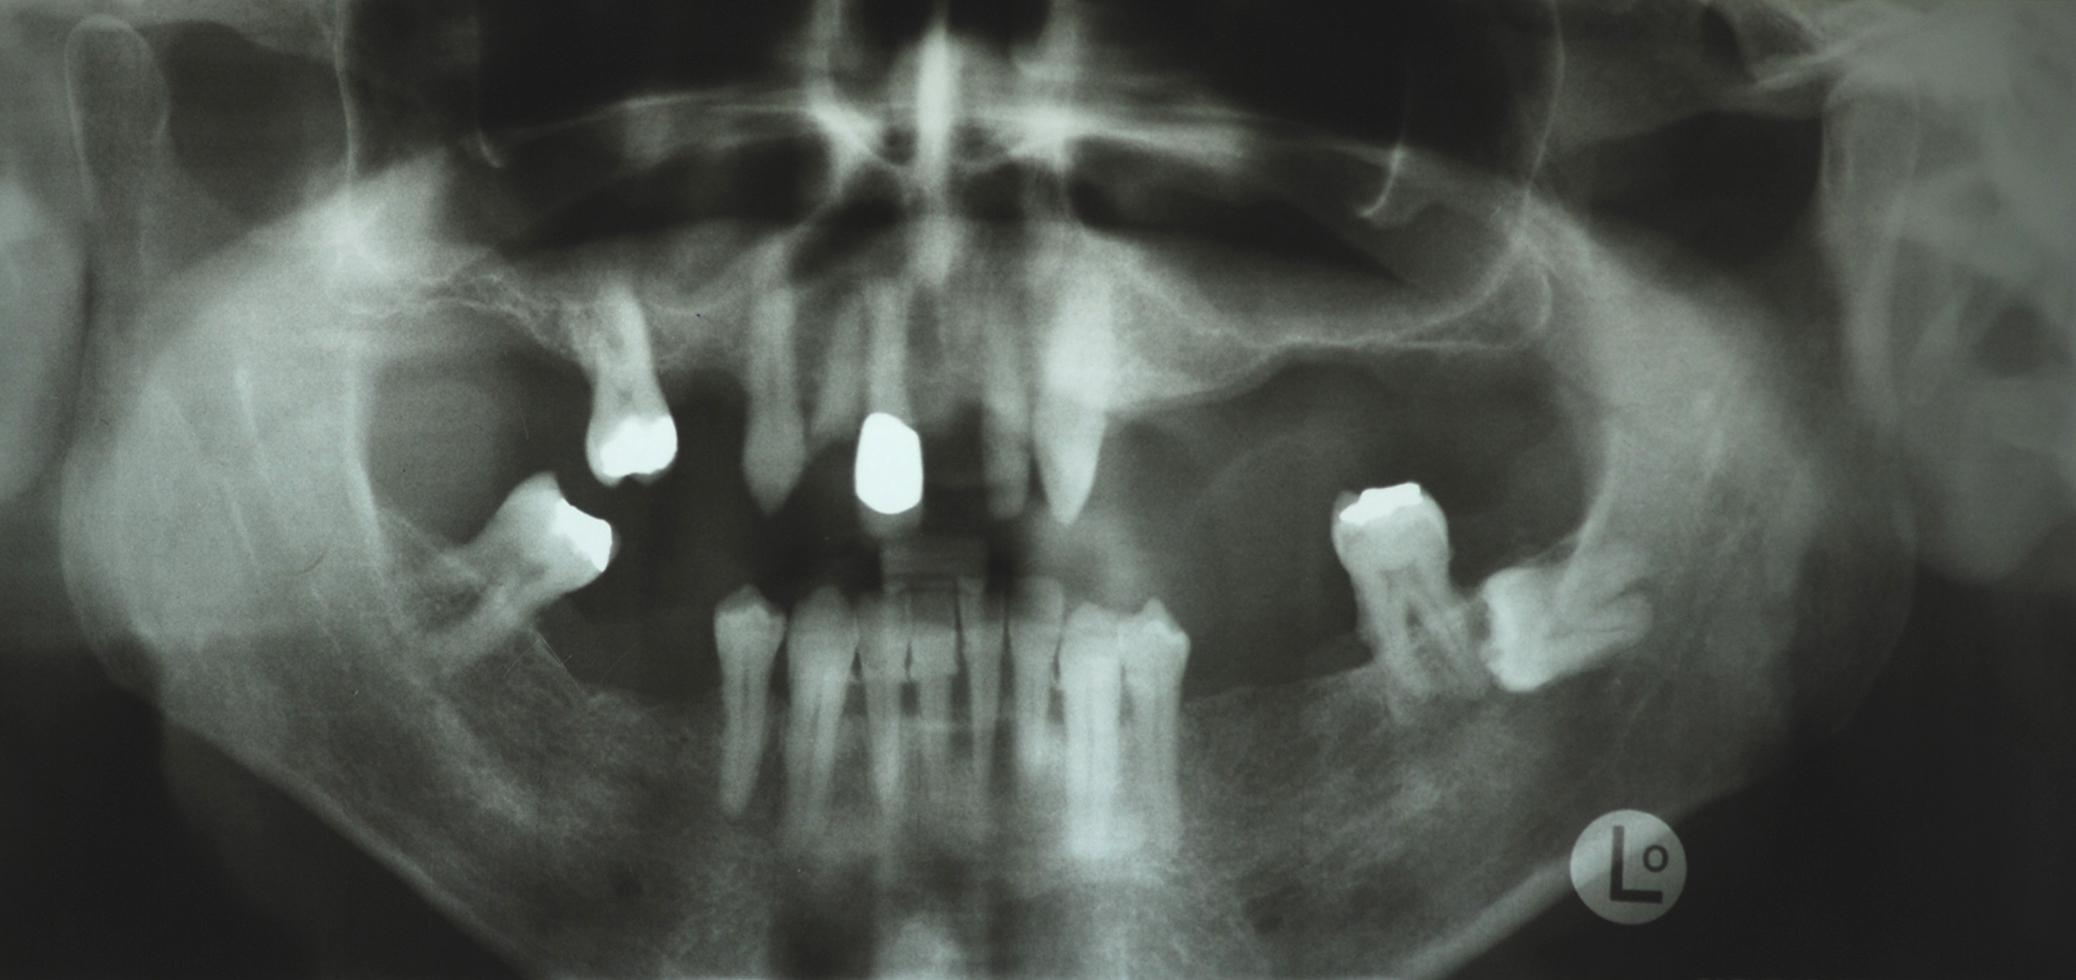 Hightech-Implantate: Zustand vor der Behandlung